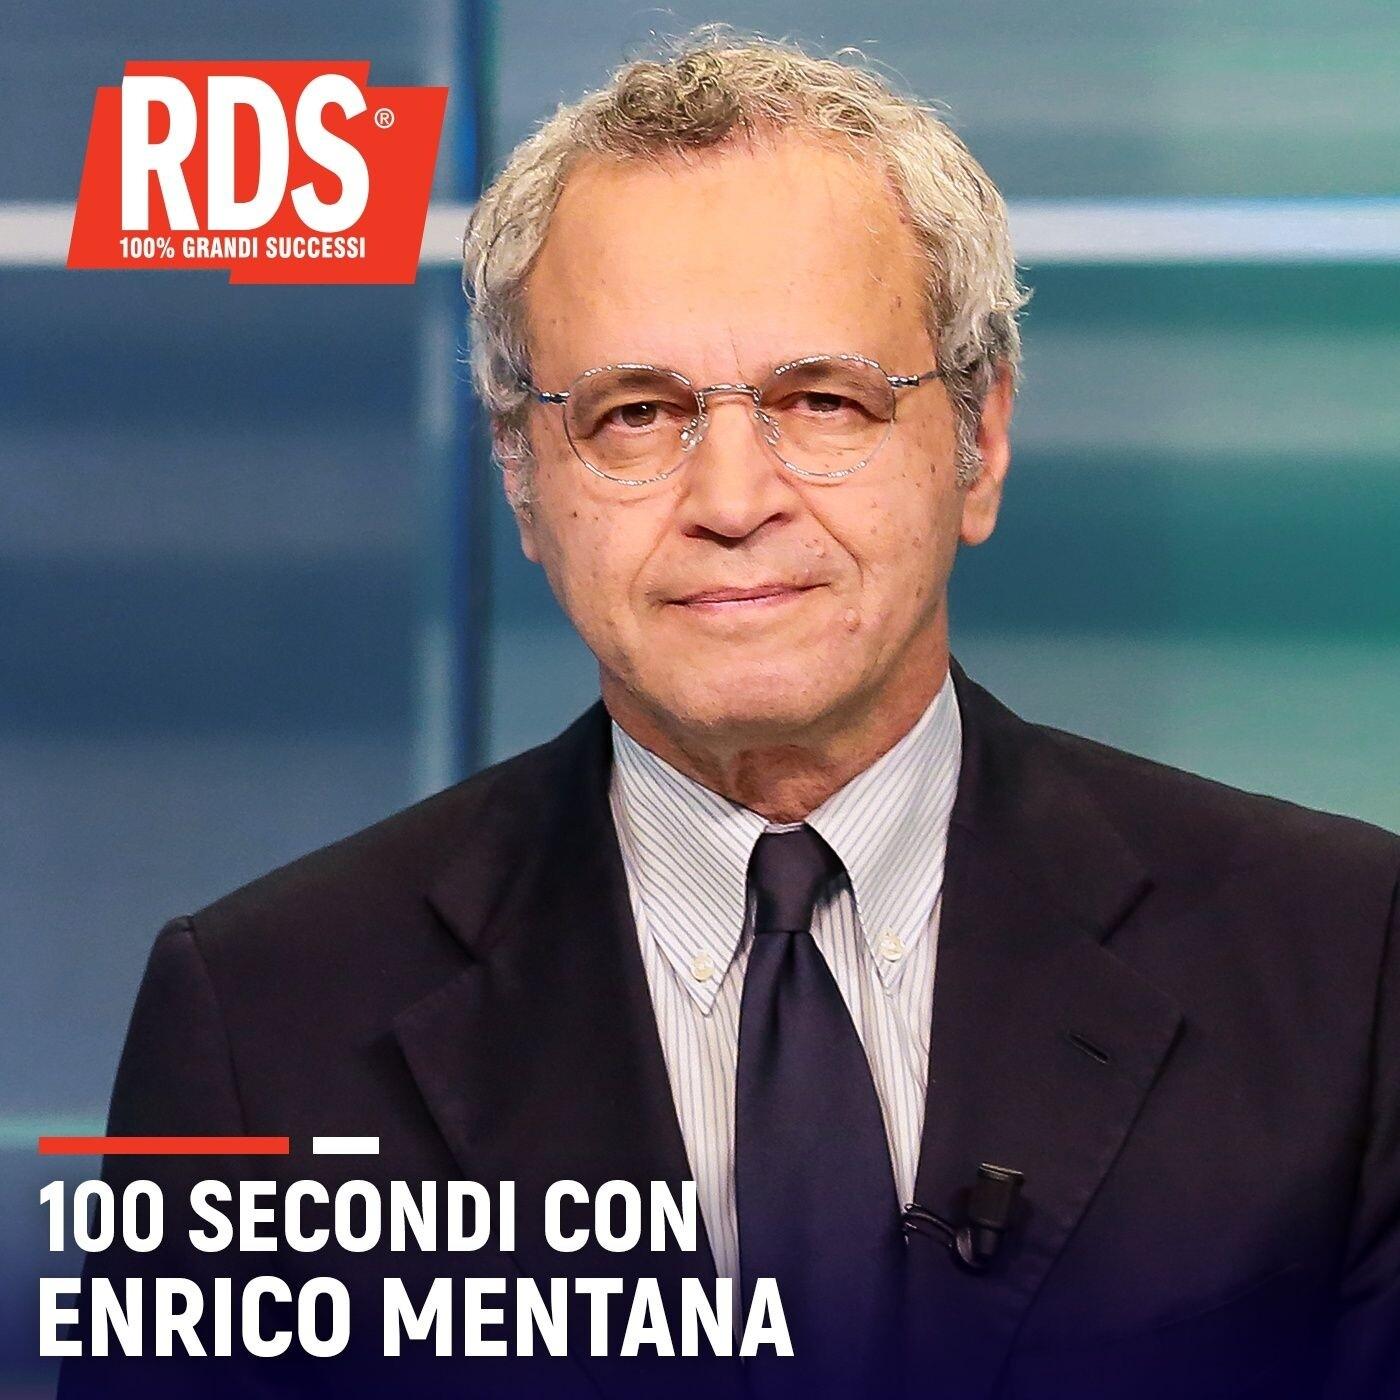 100 Secondi Con Mentana - 20-10-2020 09:57